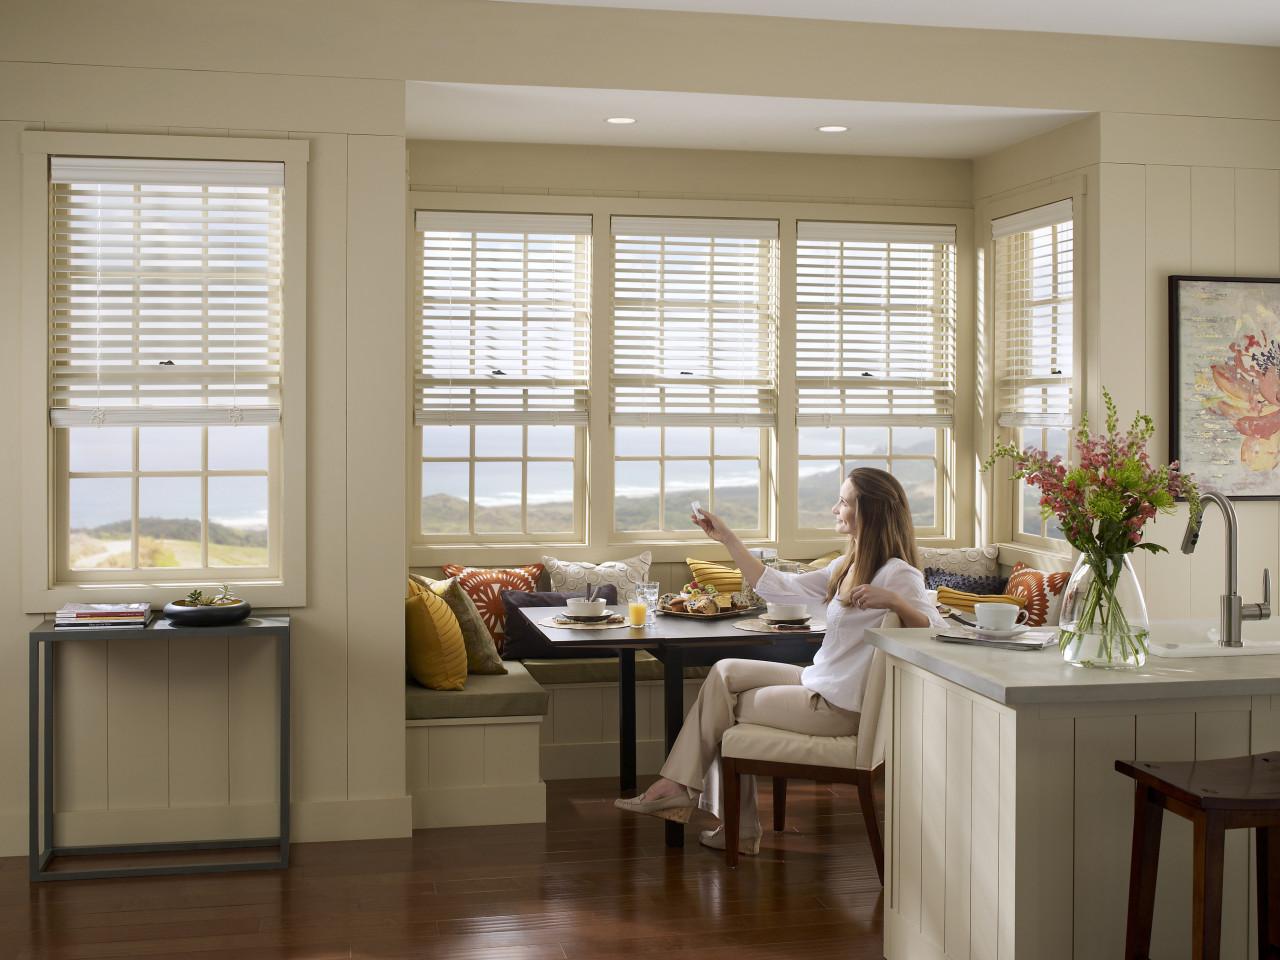 Motorized Window Blinds in Kitchen